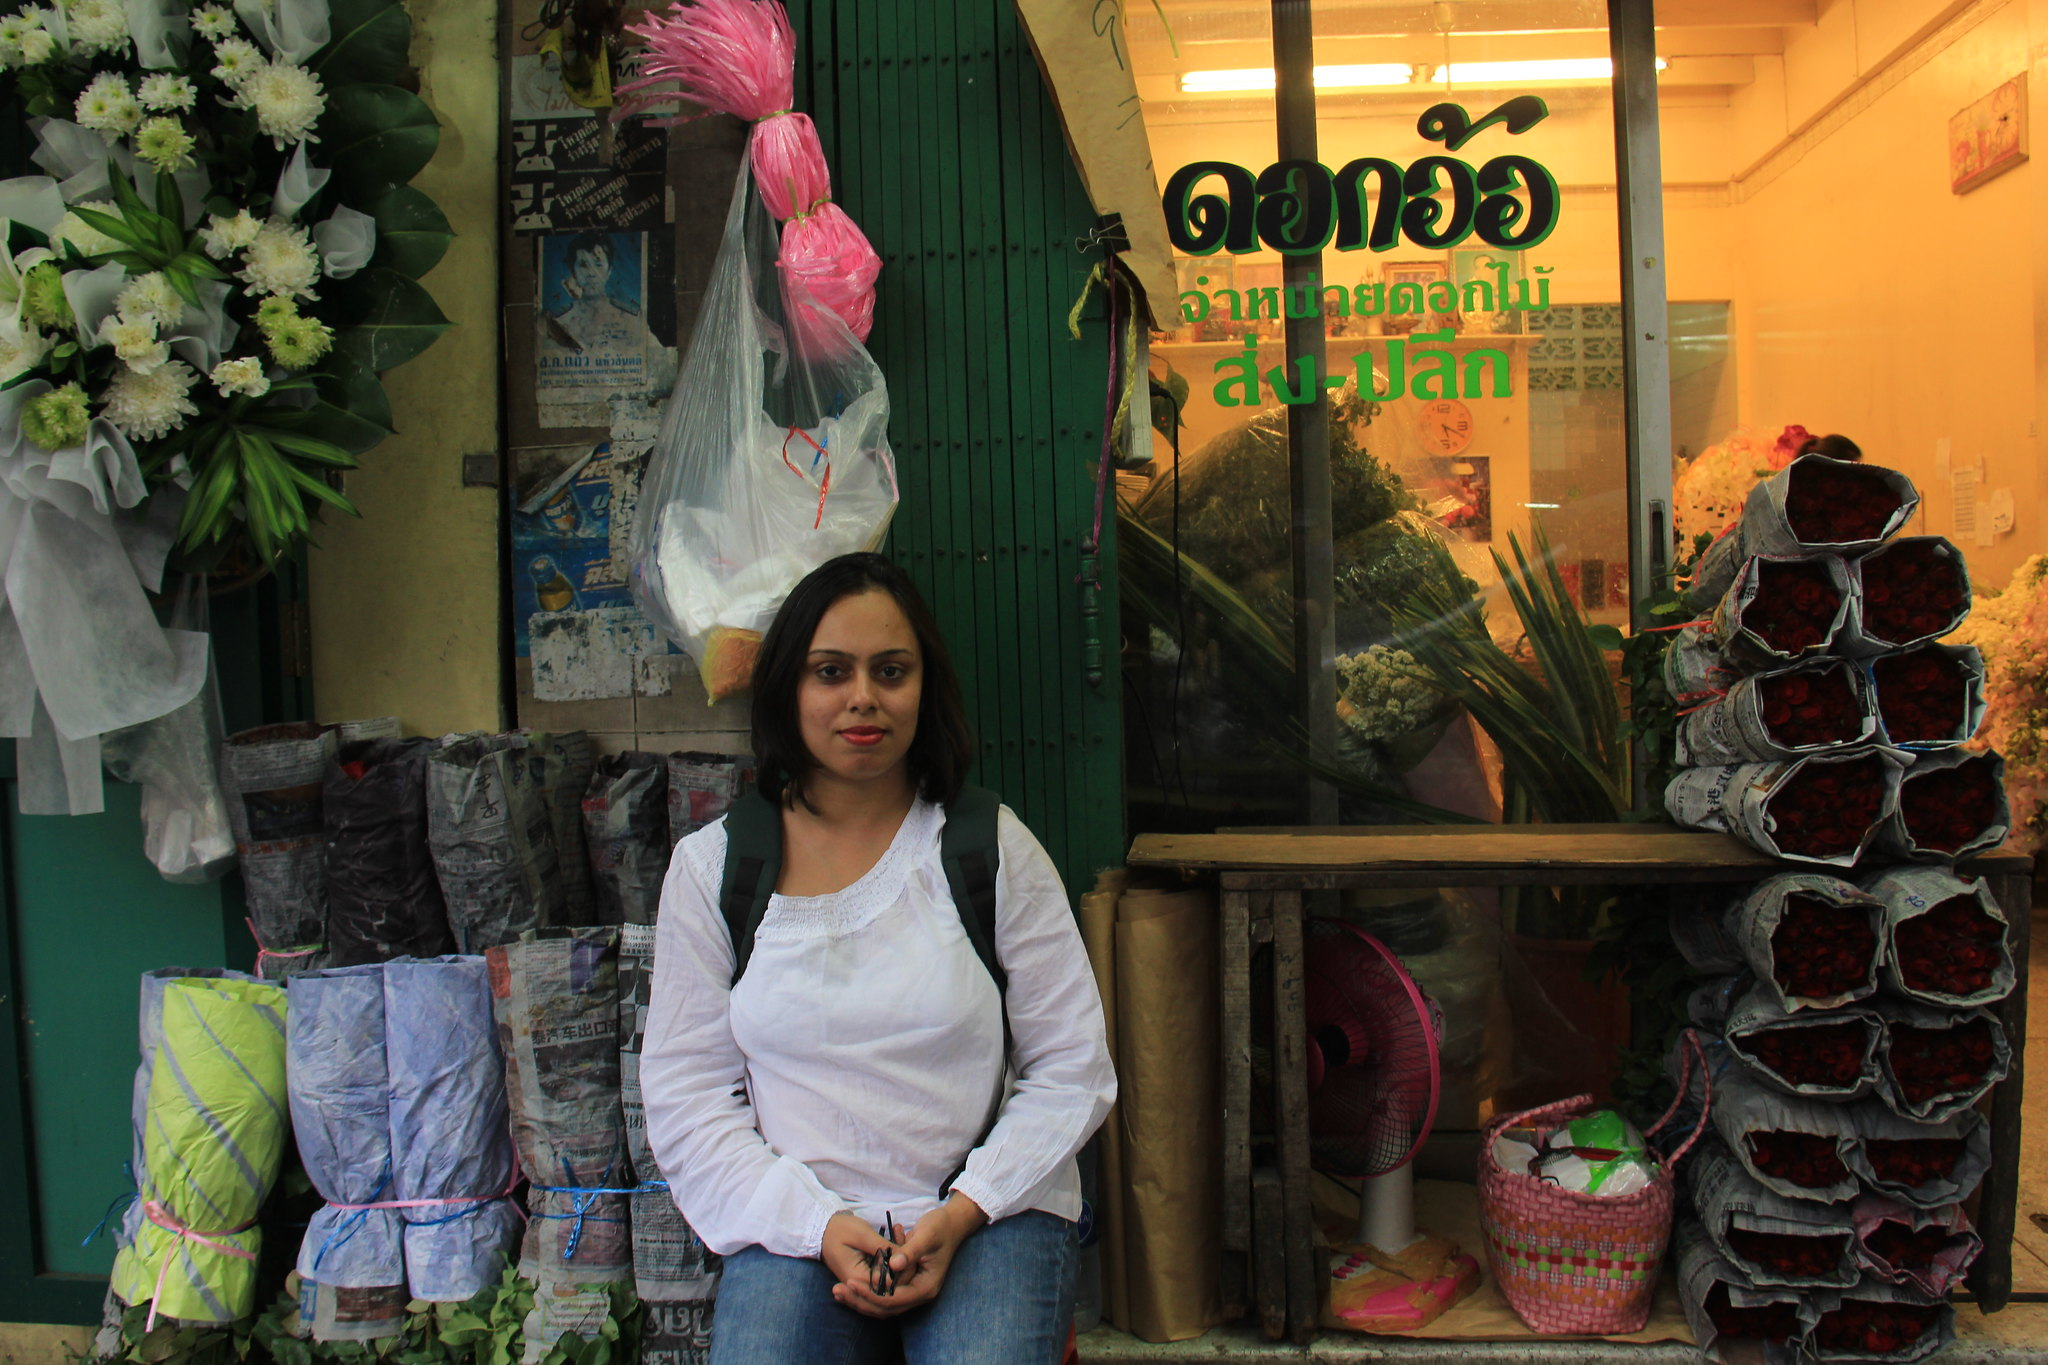 #travelbloggerindia #thailandtourism #bangkoktourism #bangkokflowermarket #pakkhlongtalat